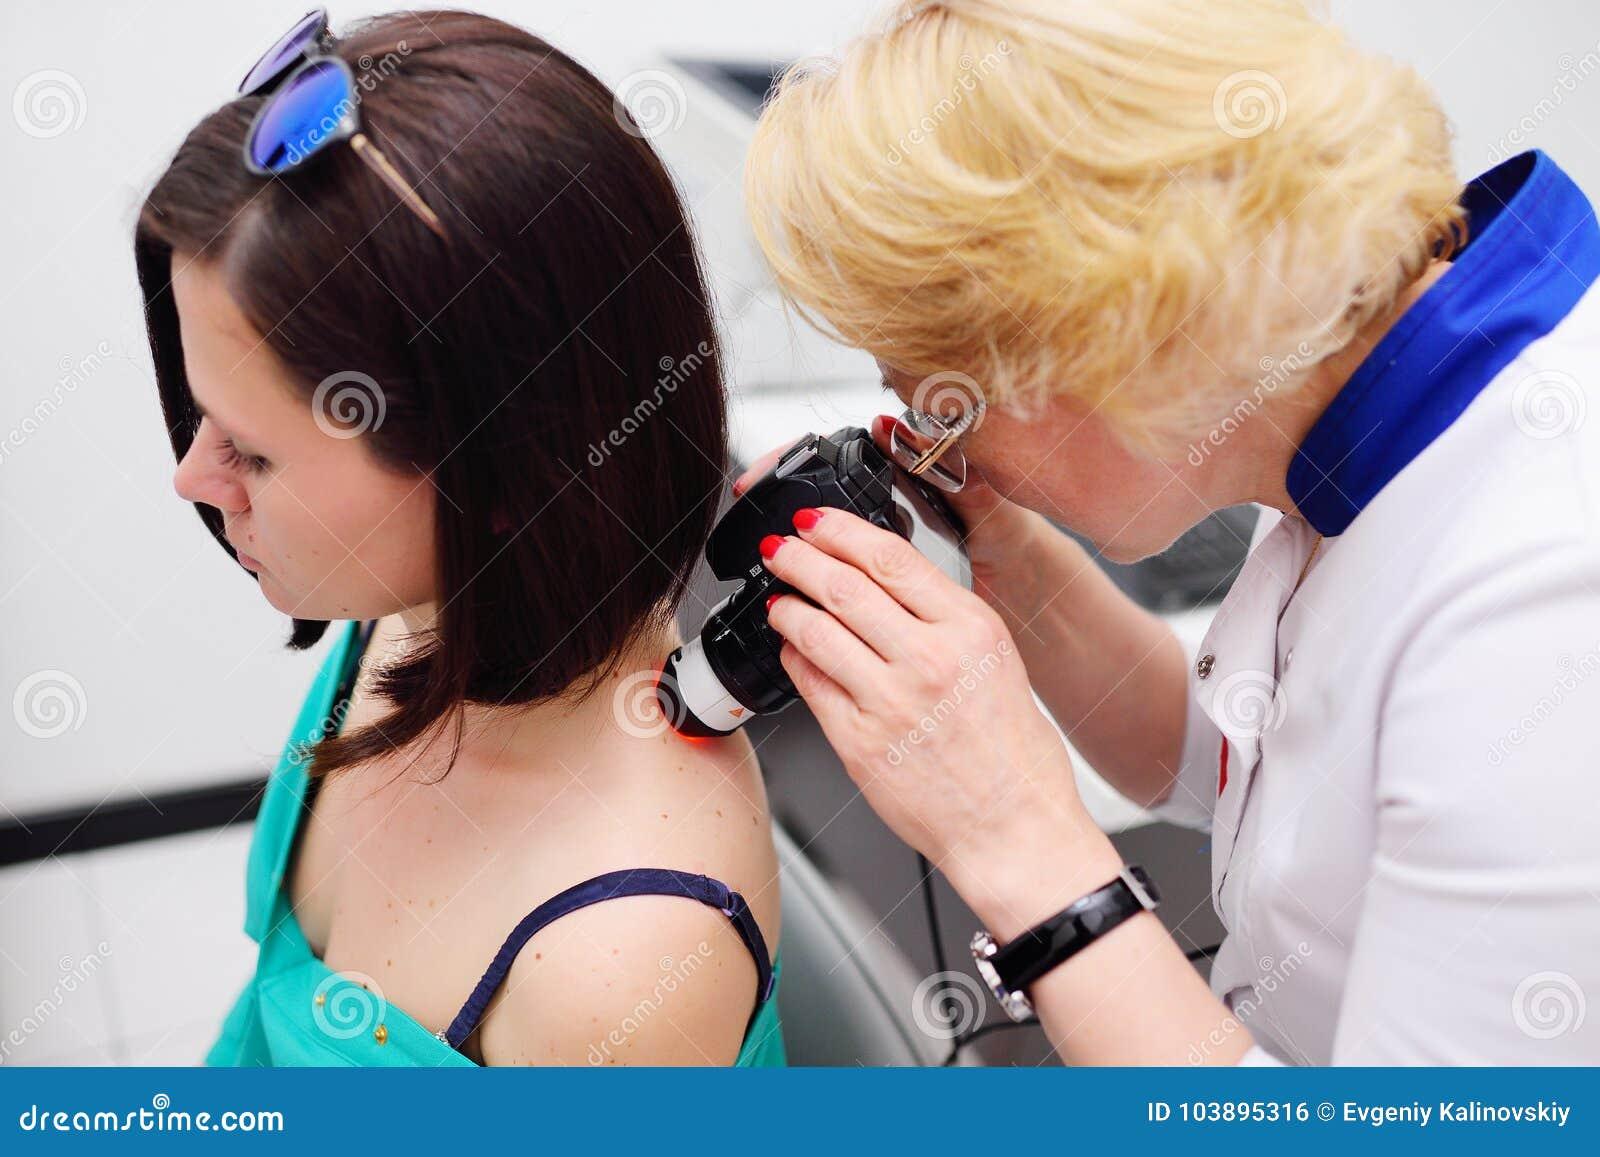 O dermatologista examina as toupeiras ou a acne do paciente com um dermatoscope